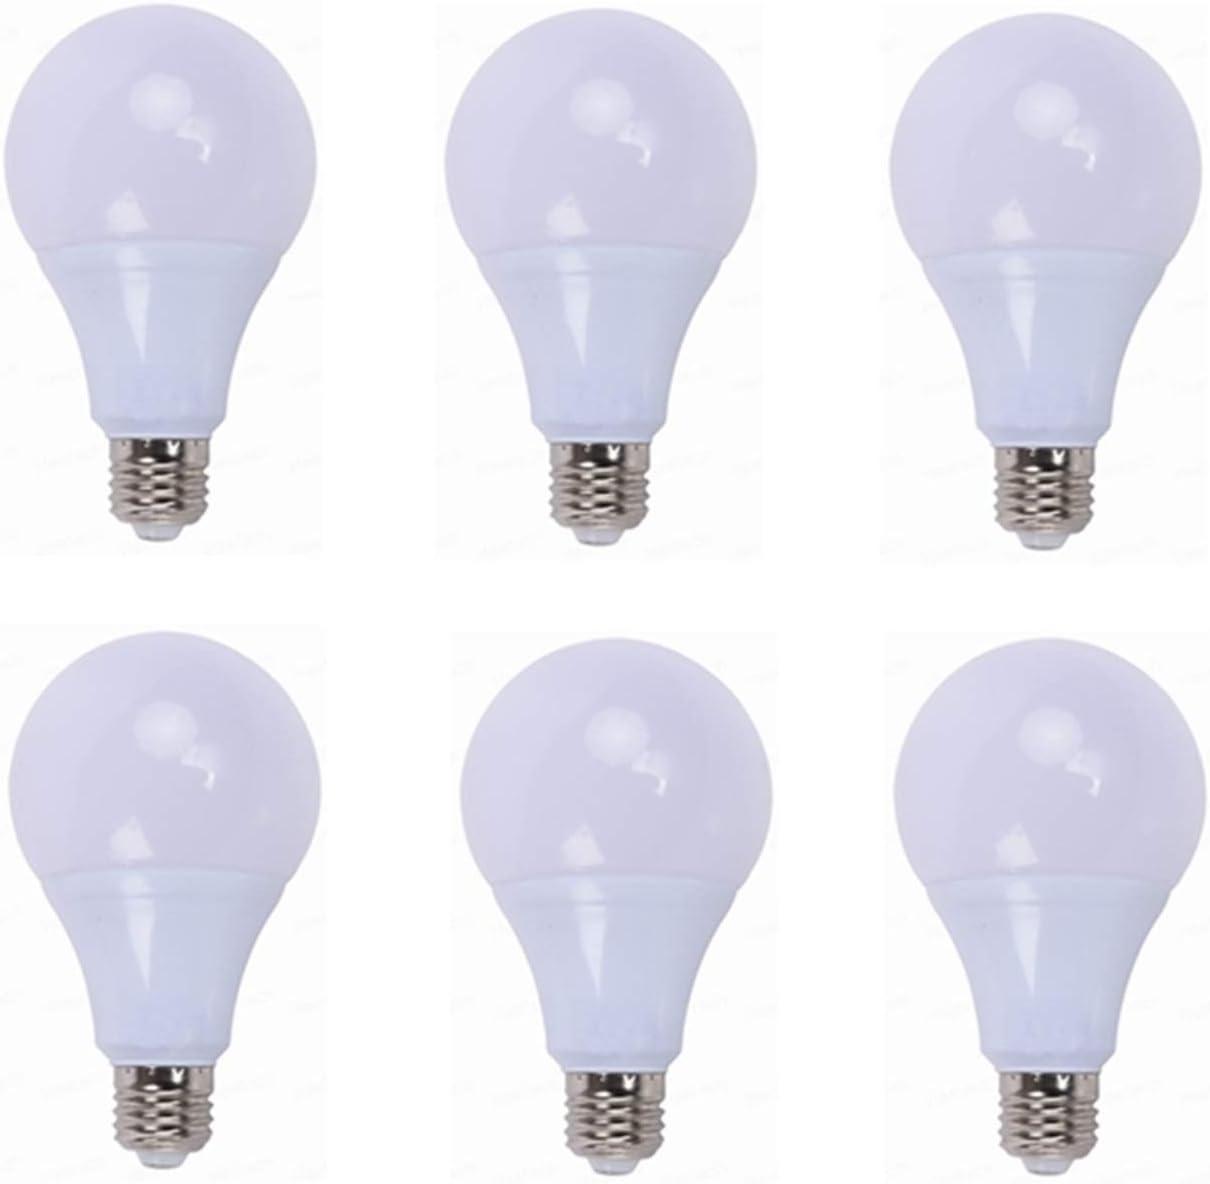 Bombilla LED tipo maíz para interior, exterior, Bombillas de luz LED de 12 voltios Base de tornillo E26 / E27 3000K / 6000K 3W / 5W / 7W / 9W / 12W / 15W 12 voltios-24 voltios de CA / CC for vehículos